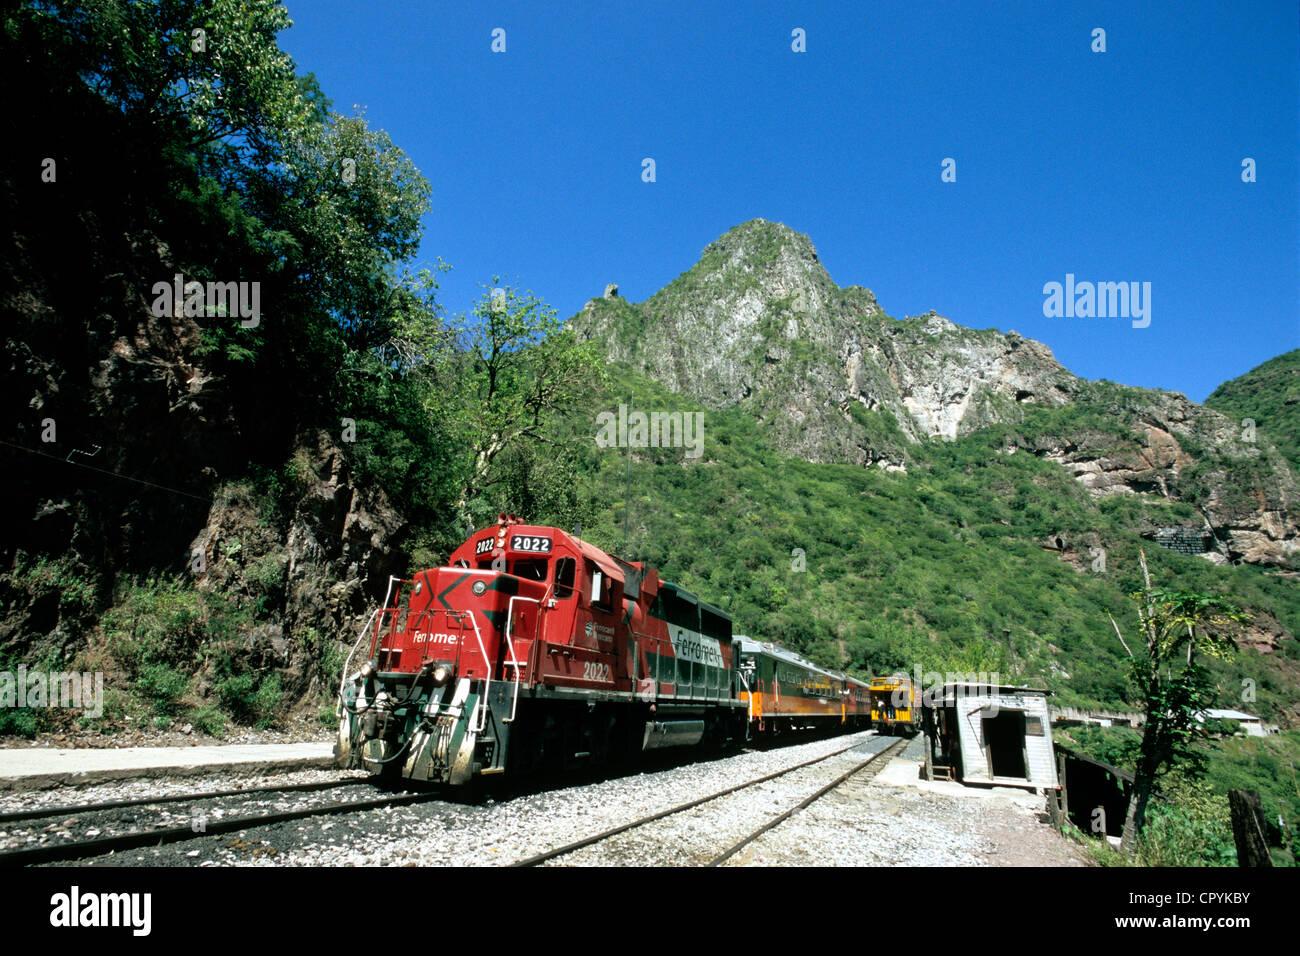 Mexiko, Chihuahua Zustand, im Herzen der Sierra Madre, Ankunft von El Chepe Zug am Bahnhof von Temoris Stockbild